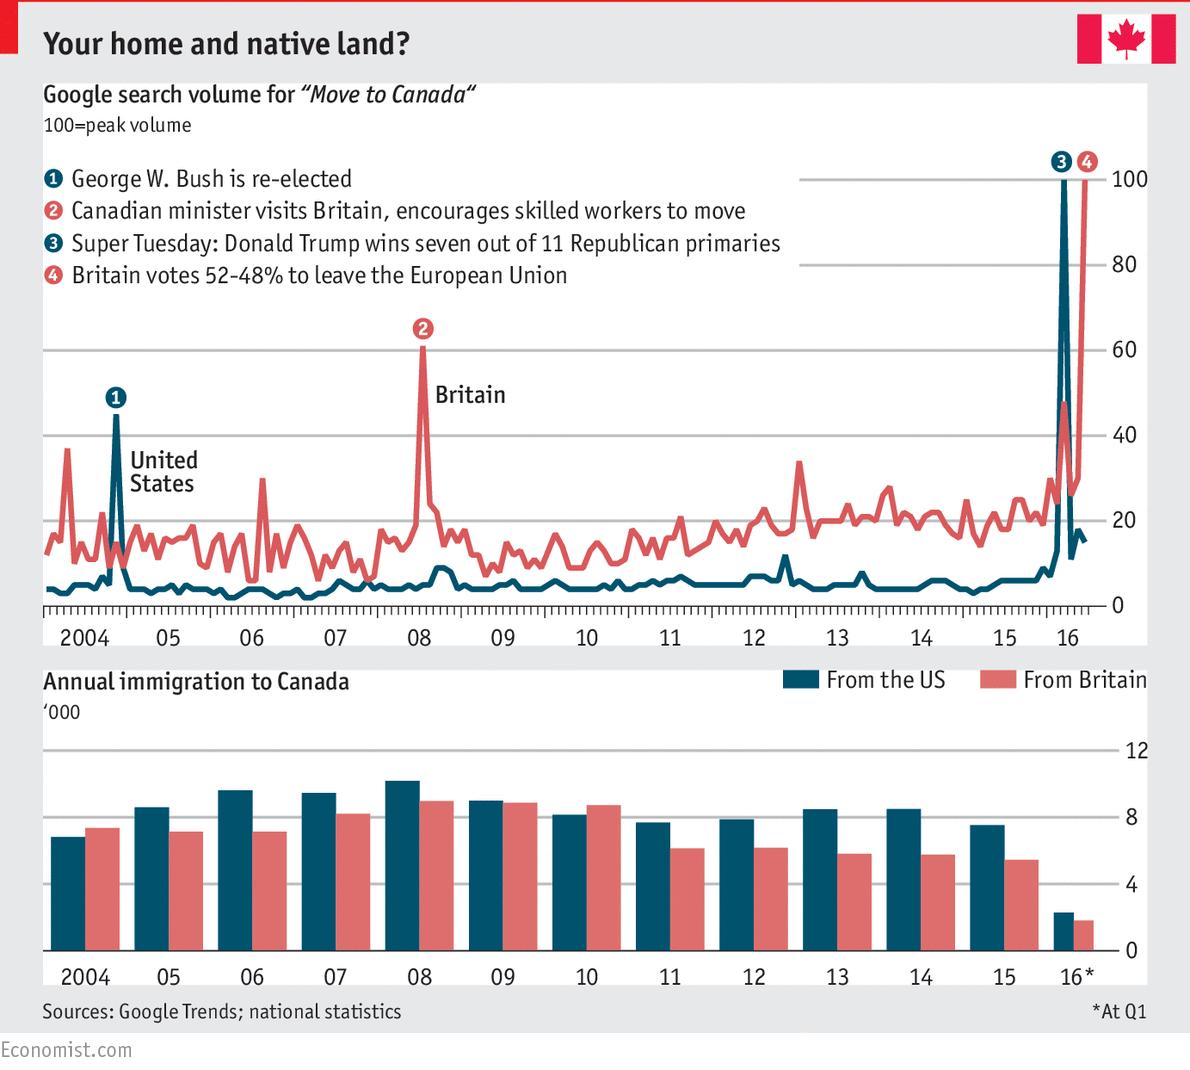 Das Interesse nach Kanada auszuwandern steigt auf ein Allzeithoch